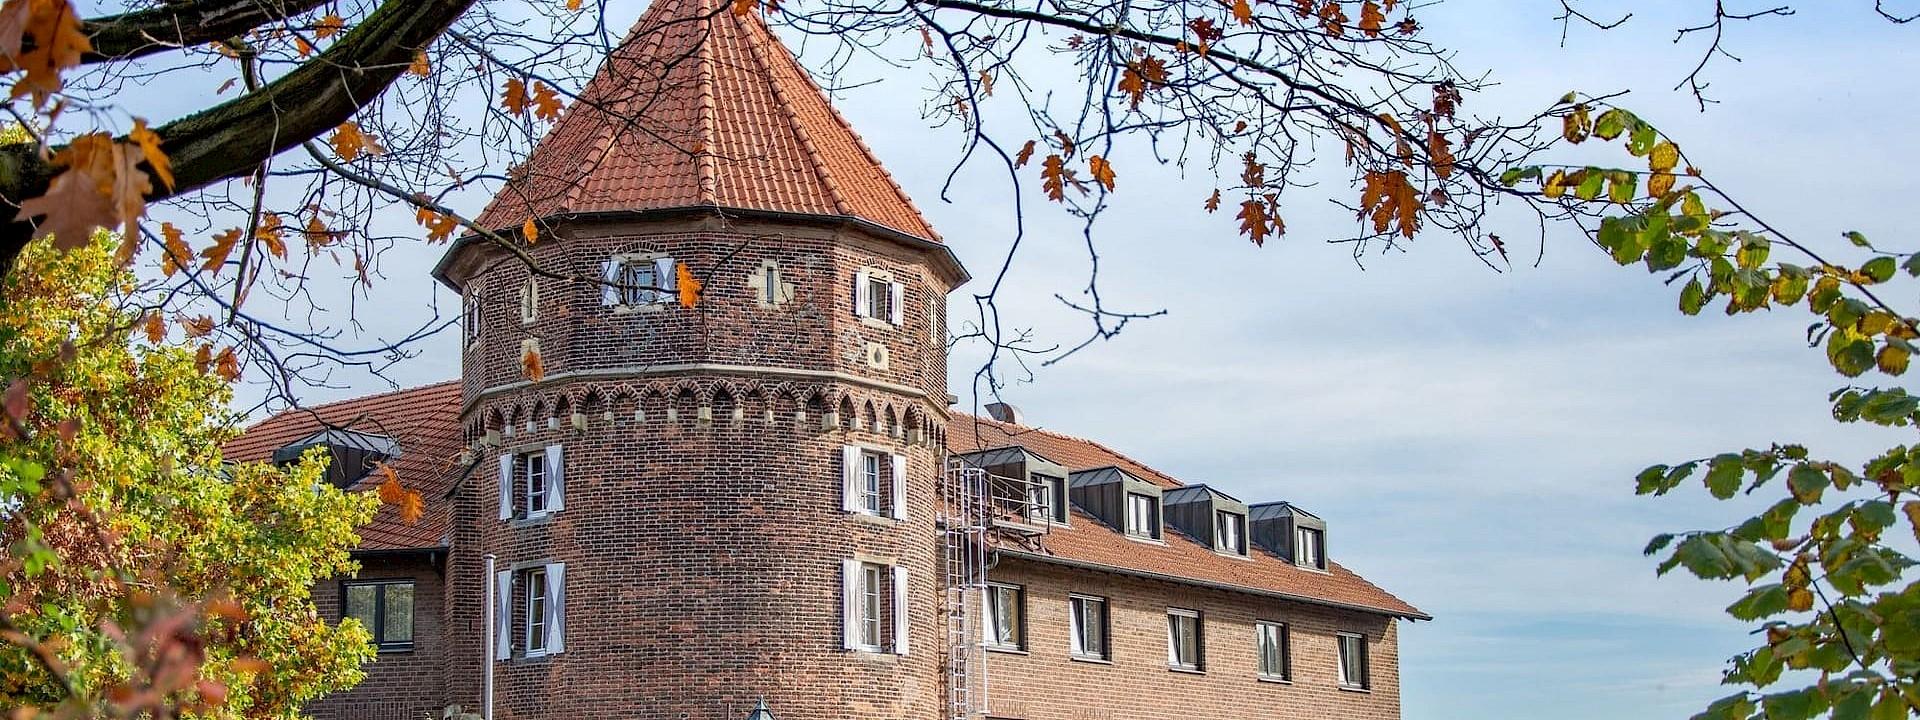 Schlösser- und Burgentag im Münsterland 20. Juni 2021